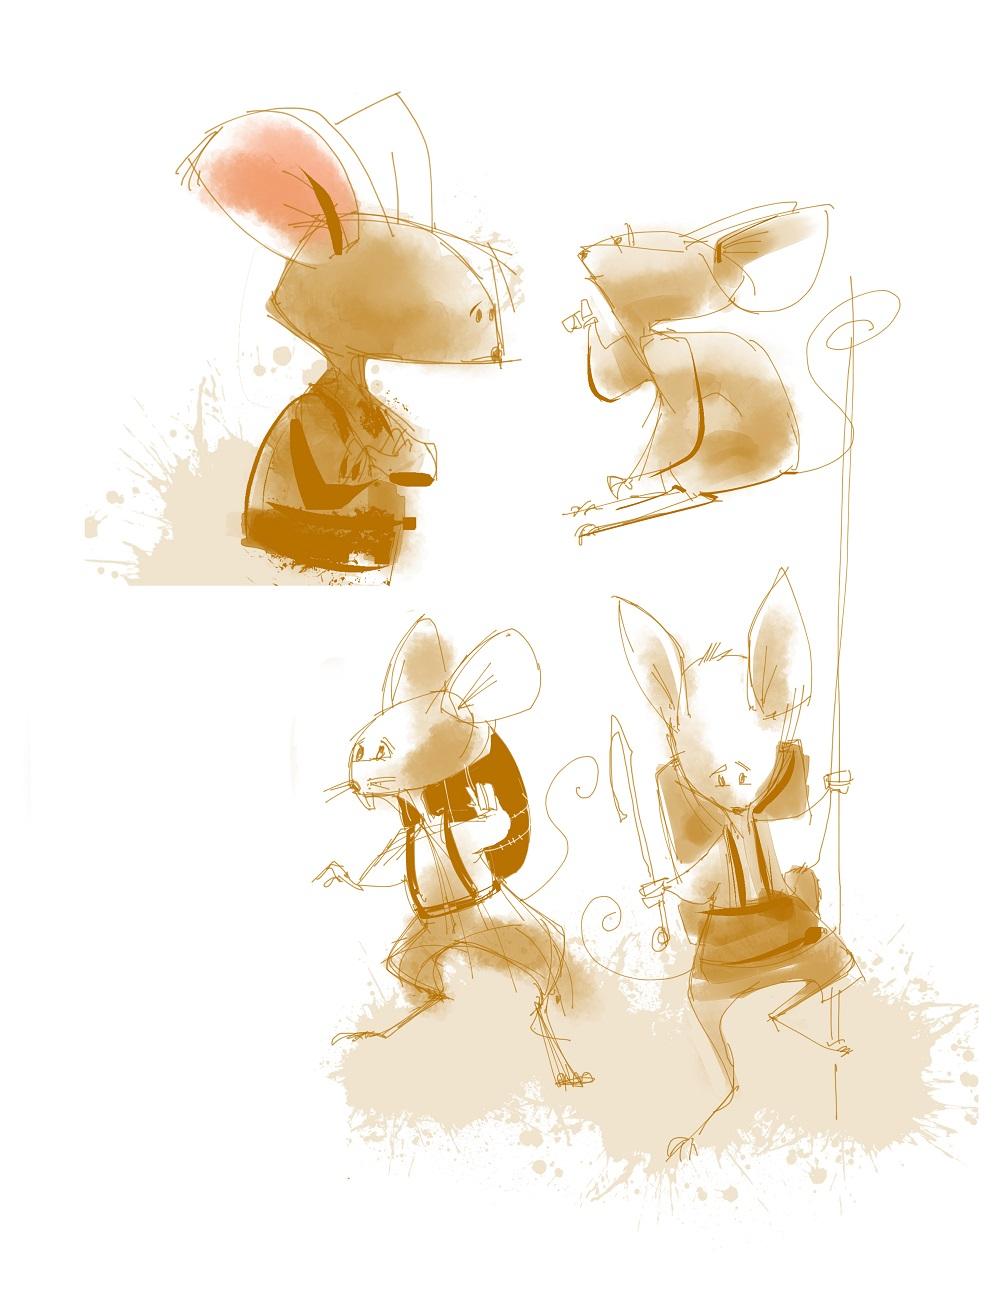 Warm up sketches.jpg